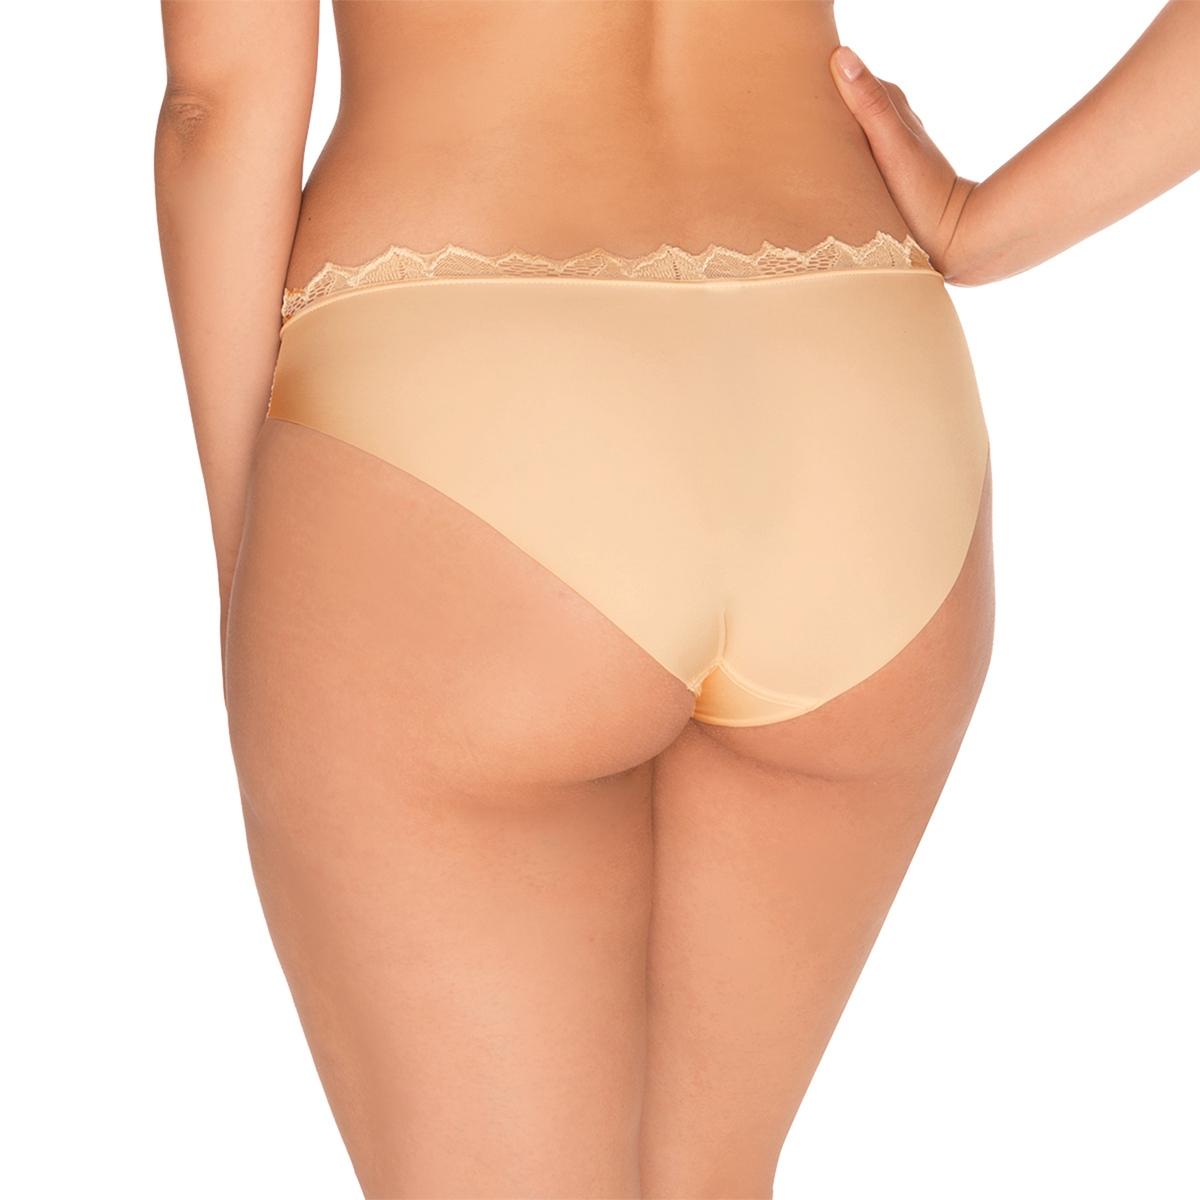 Трусы-слипы Arum BB LINGERIEТрусы-слипы Arum BB lingerie от Sans Complexe®.Стиль, напоминающий модную тенденцию в области косметики BB-крем: белье, скрывающее недостатки, которое совершенно не ощущается при носке. Изготовлены из тонкого и струящегося трикотажа, микрофибры и кружева. Отделка, которая совершенно не заметна под одеждой. Эластичный пояс.Состав и описание трусов-слипов: Основной материал: 79 % полиамида, 21 % эластана.Марка: SANS COMPLEXE® Уход:Машинная стирка при 30°С в мешке для стирки белья.Стирать вместе с одеждой подобных цветов.Не гладить.Найдите линейку нижнего белья Arum BB lingerie от Sans Complexe® на сайте la redoute.ru<br><br>Цвет: пудра